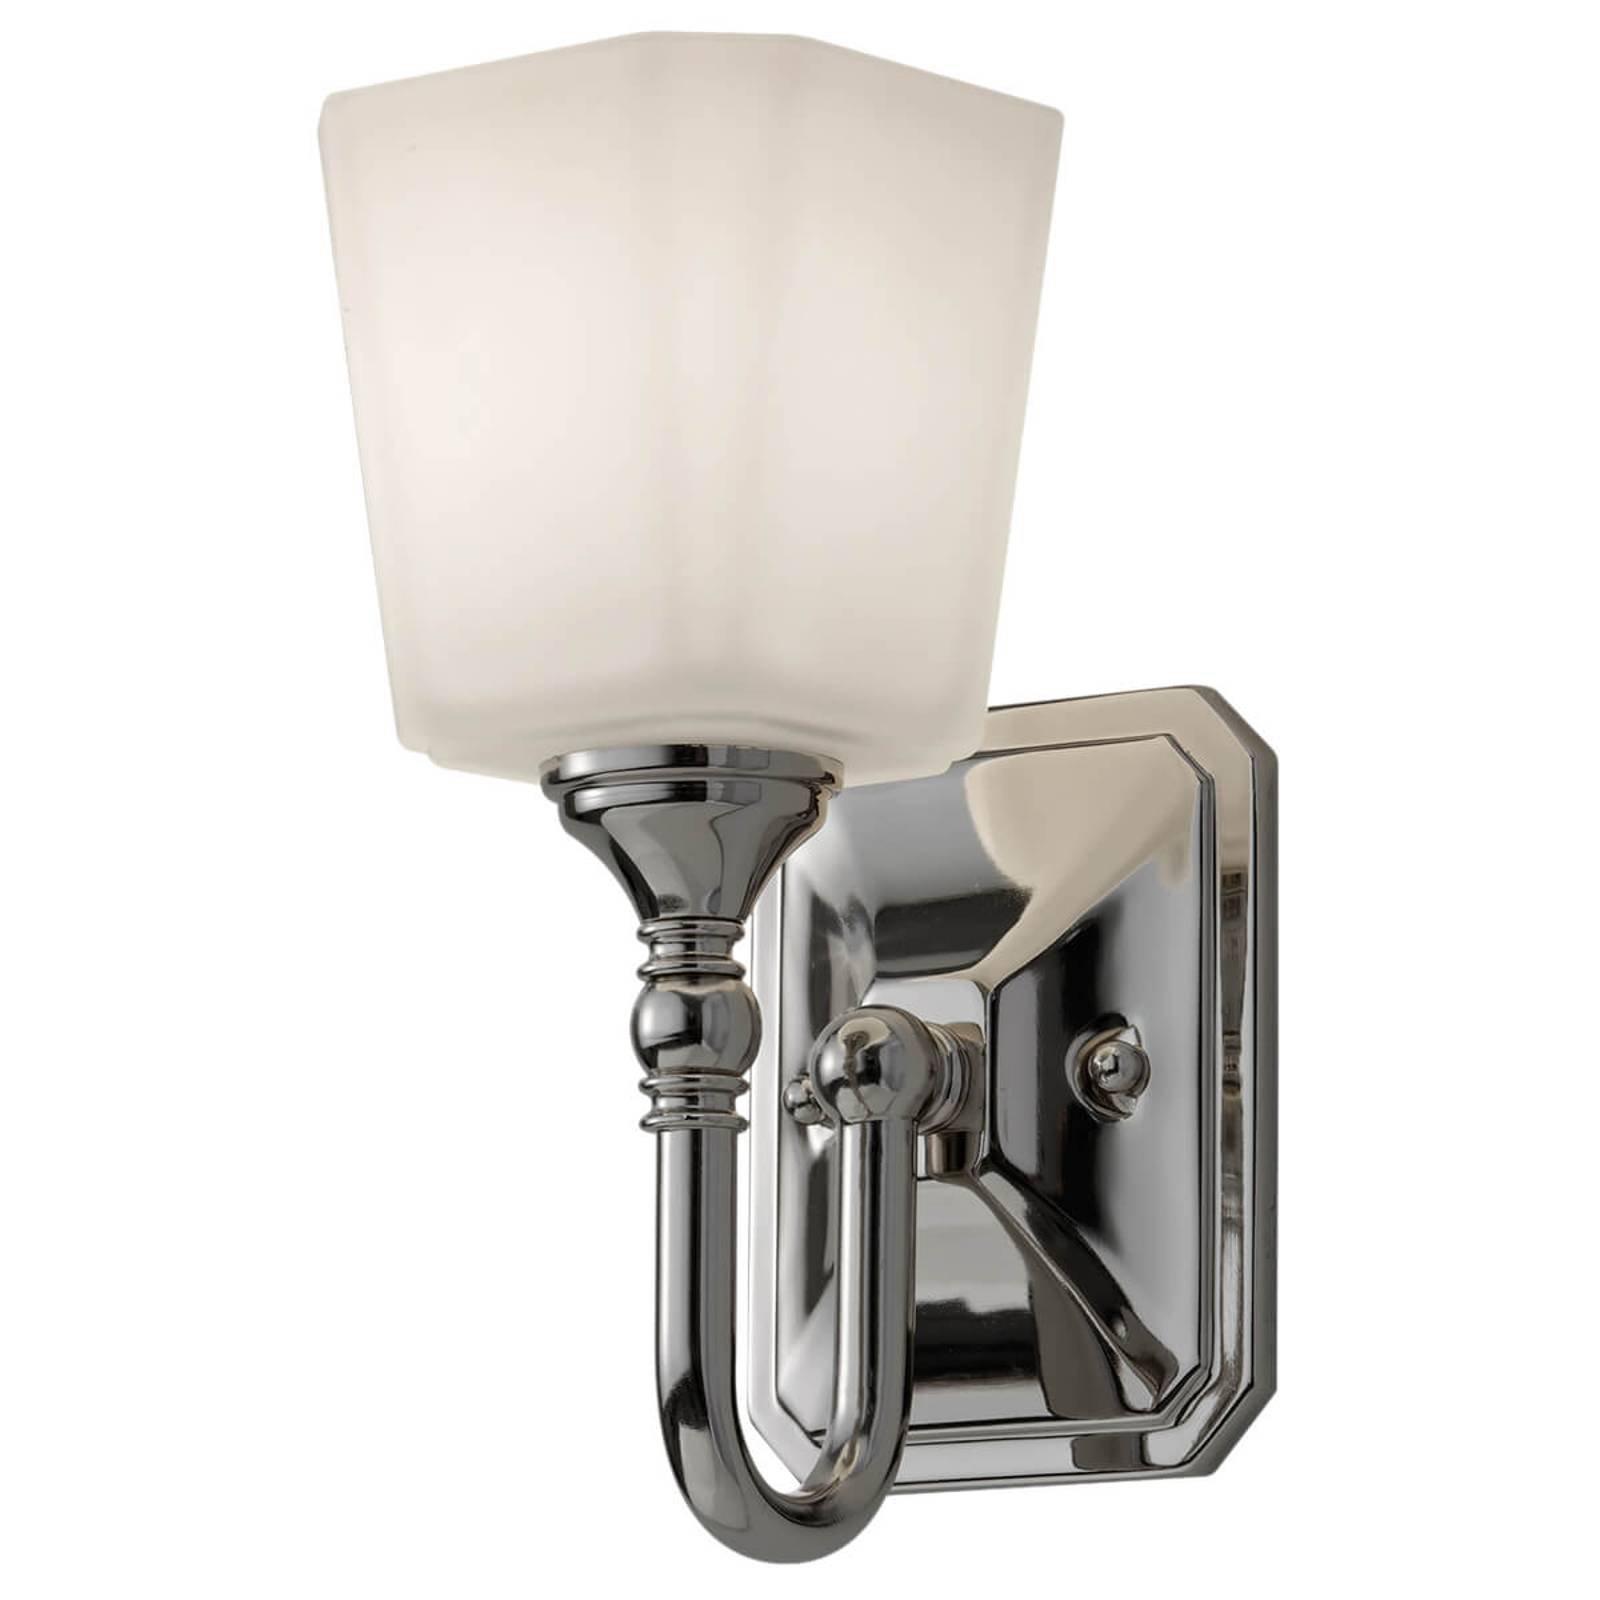 Vegglampe Concord i klassisk design til badet